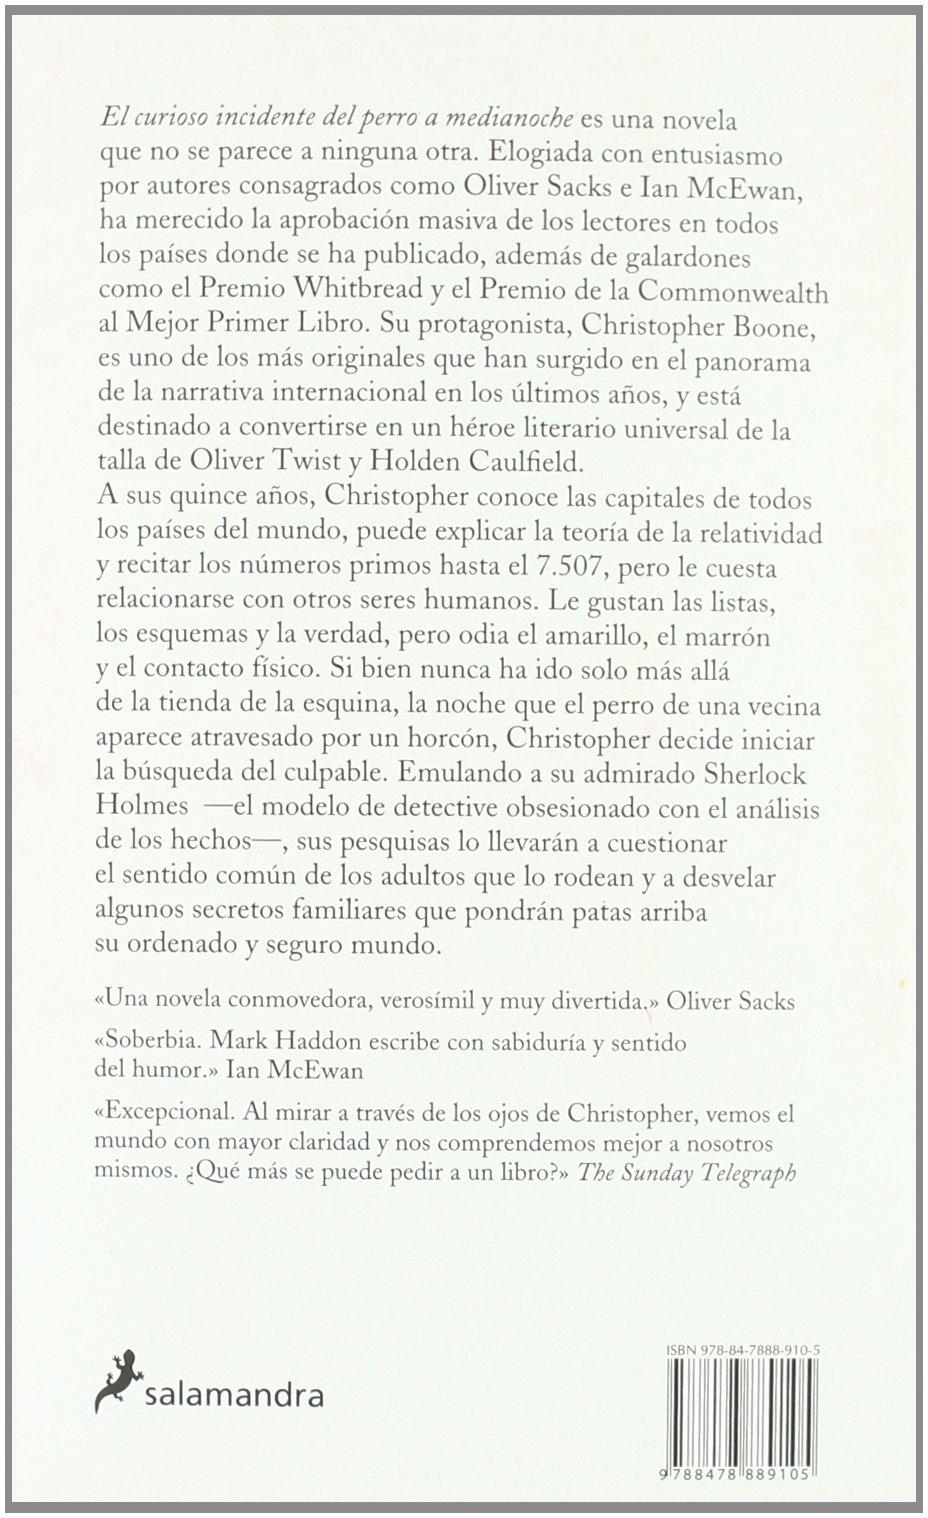 Curioso Incidente del Perro a Medianoche, El (Narrativa): Amazon.co.uk:  Mark Haddon: 9788478889105: Books